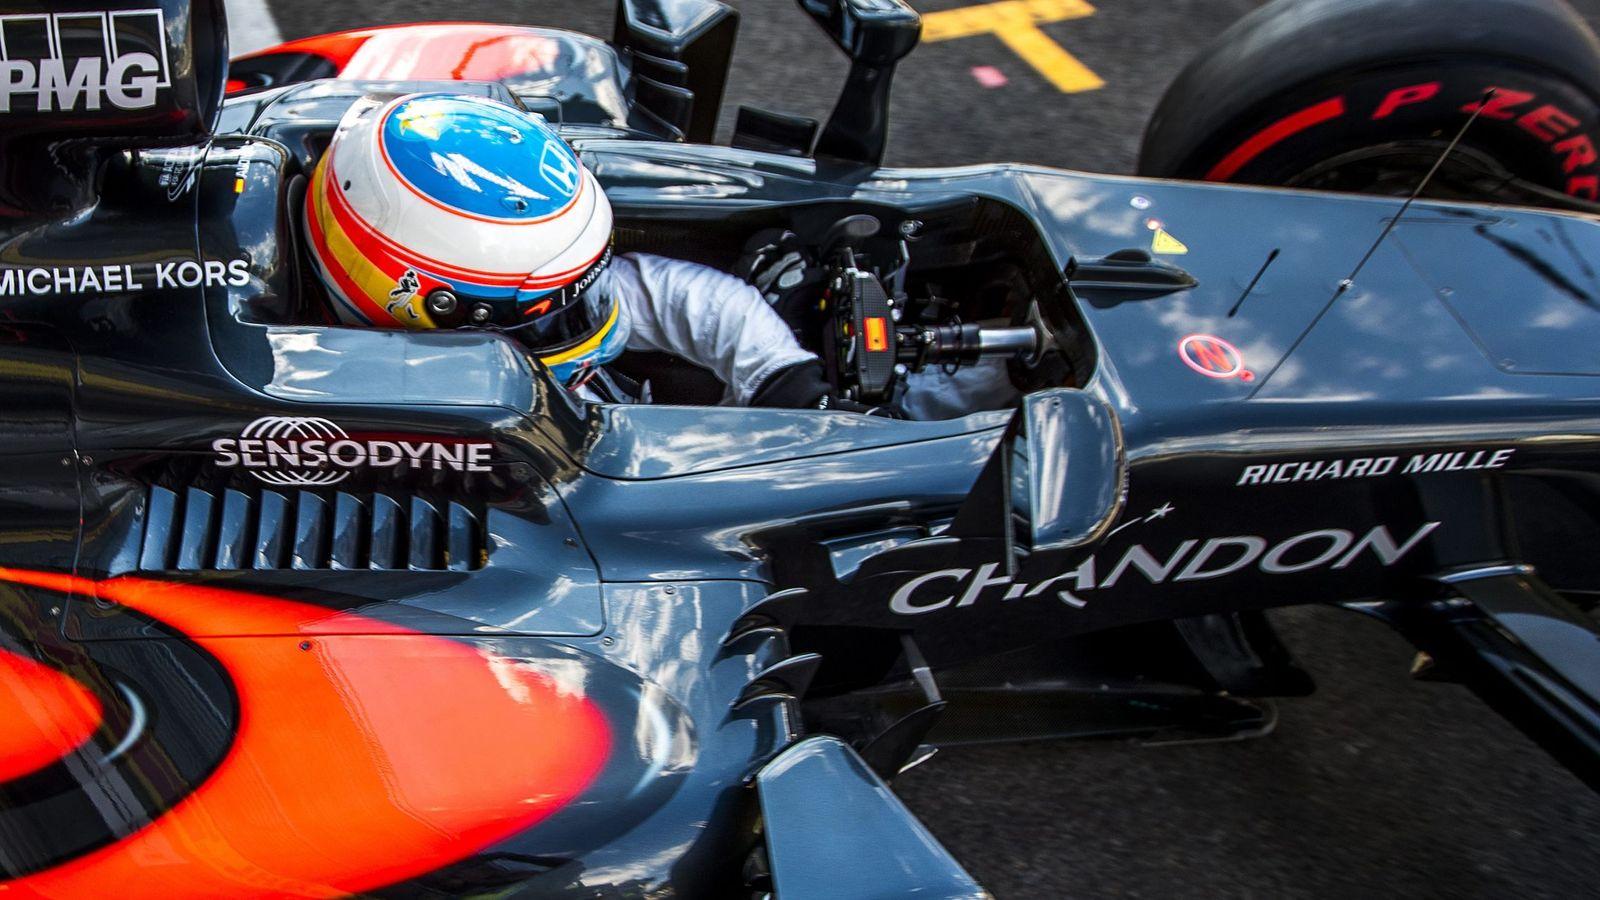   F1 16 T.XV   Final de Temporada Fernando-alonso-y-su-nuevo-mclaren-honda-una-gran-noticia